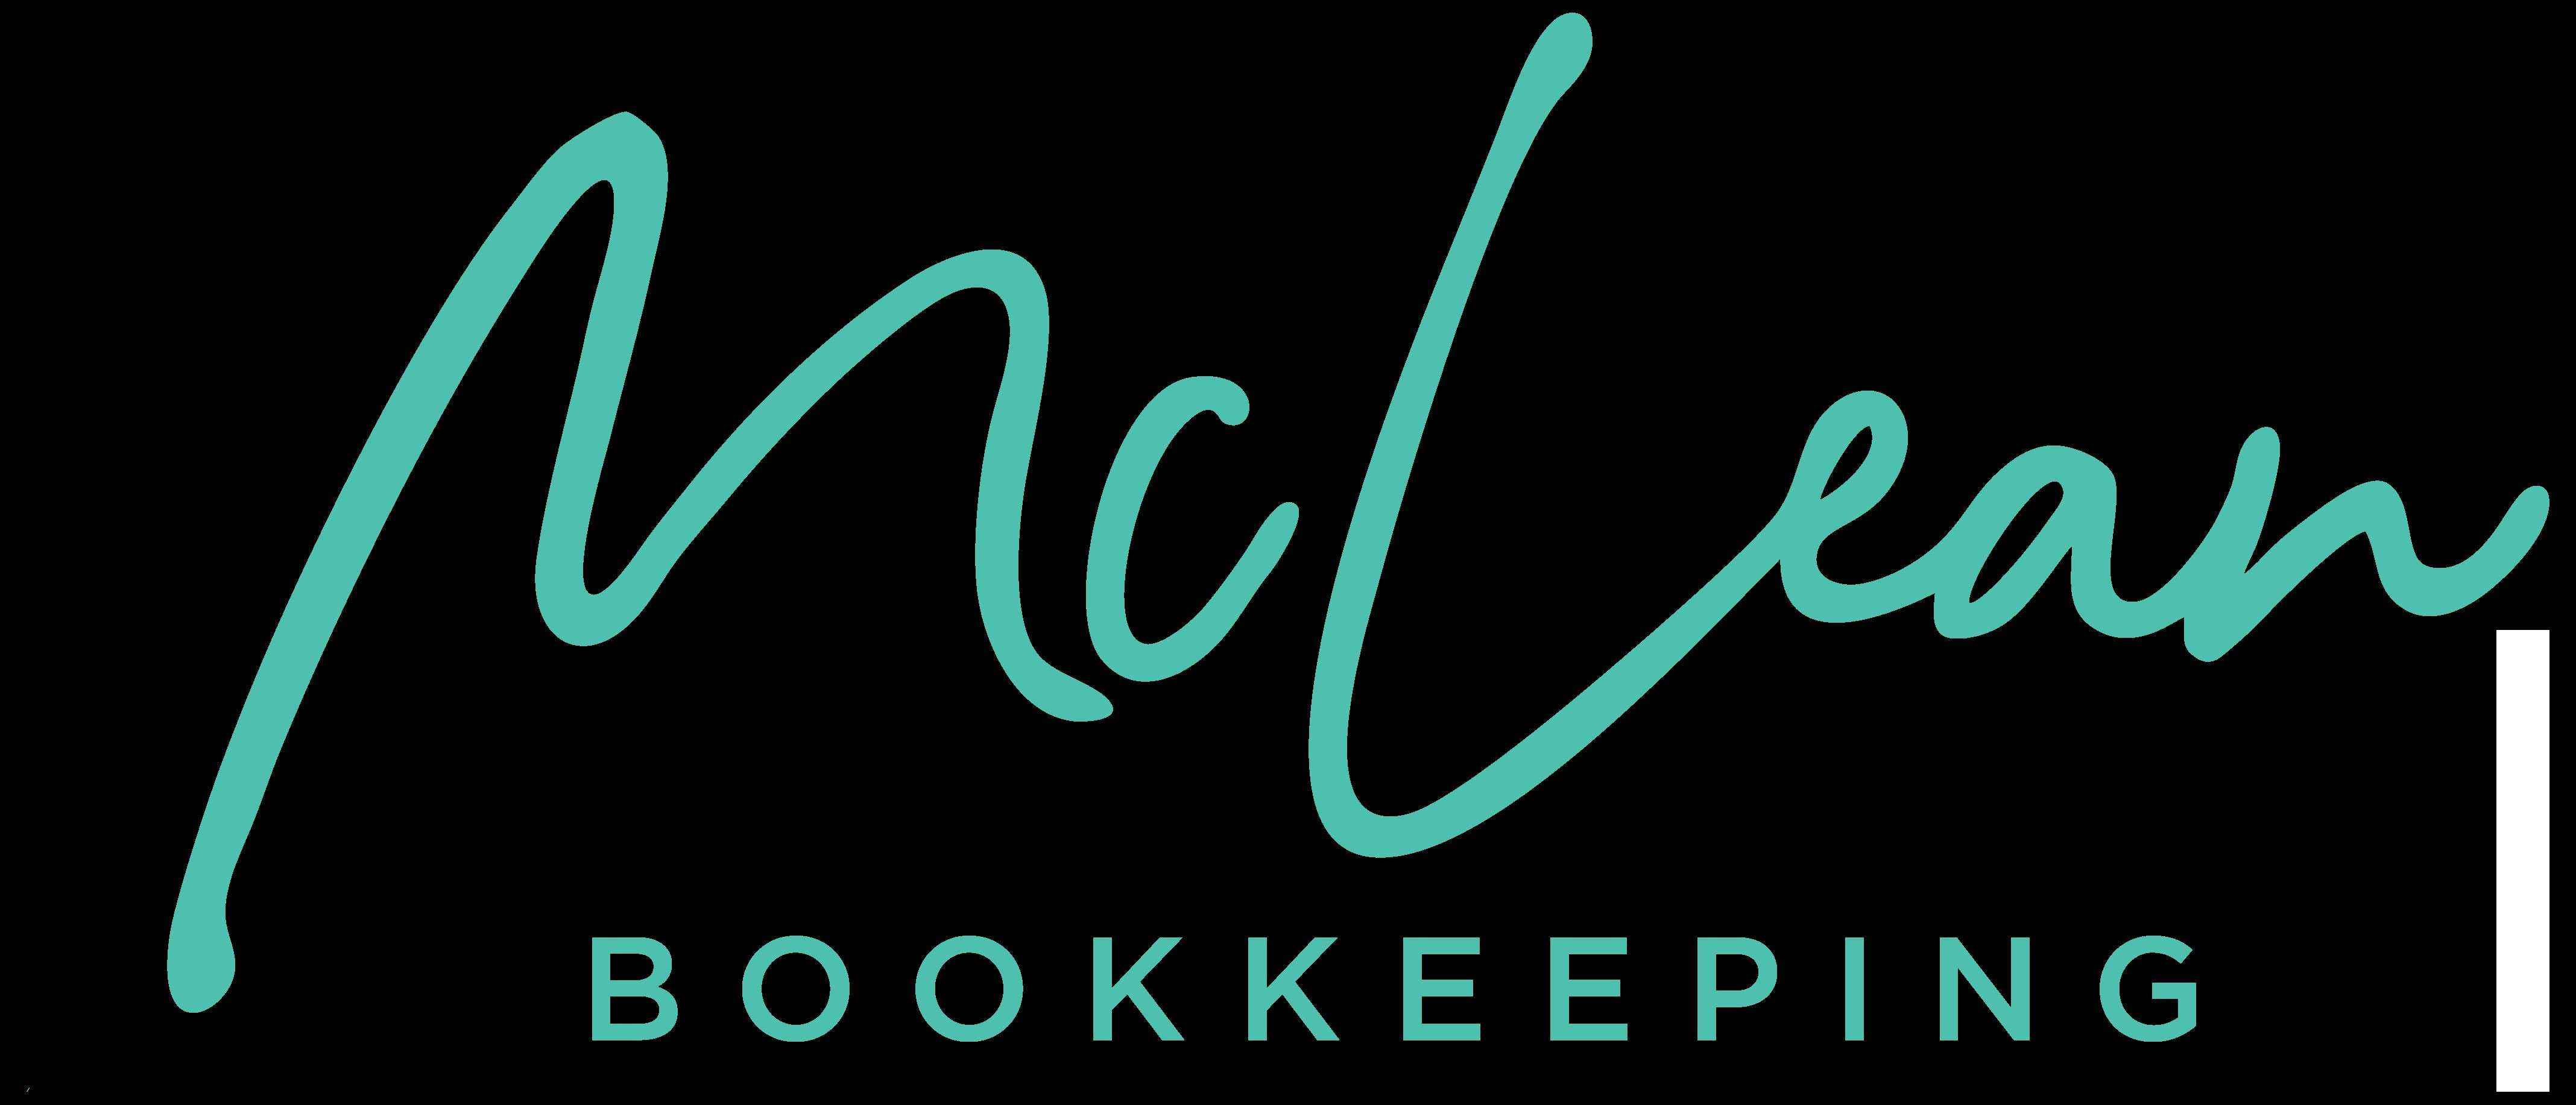 McLean Bookkeeping